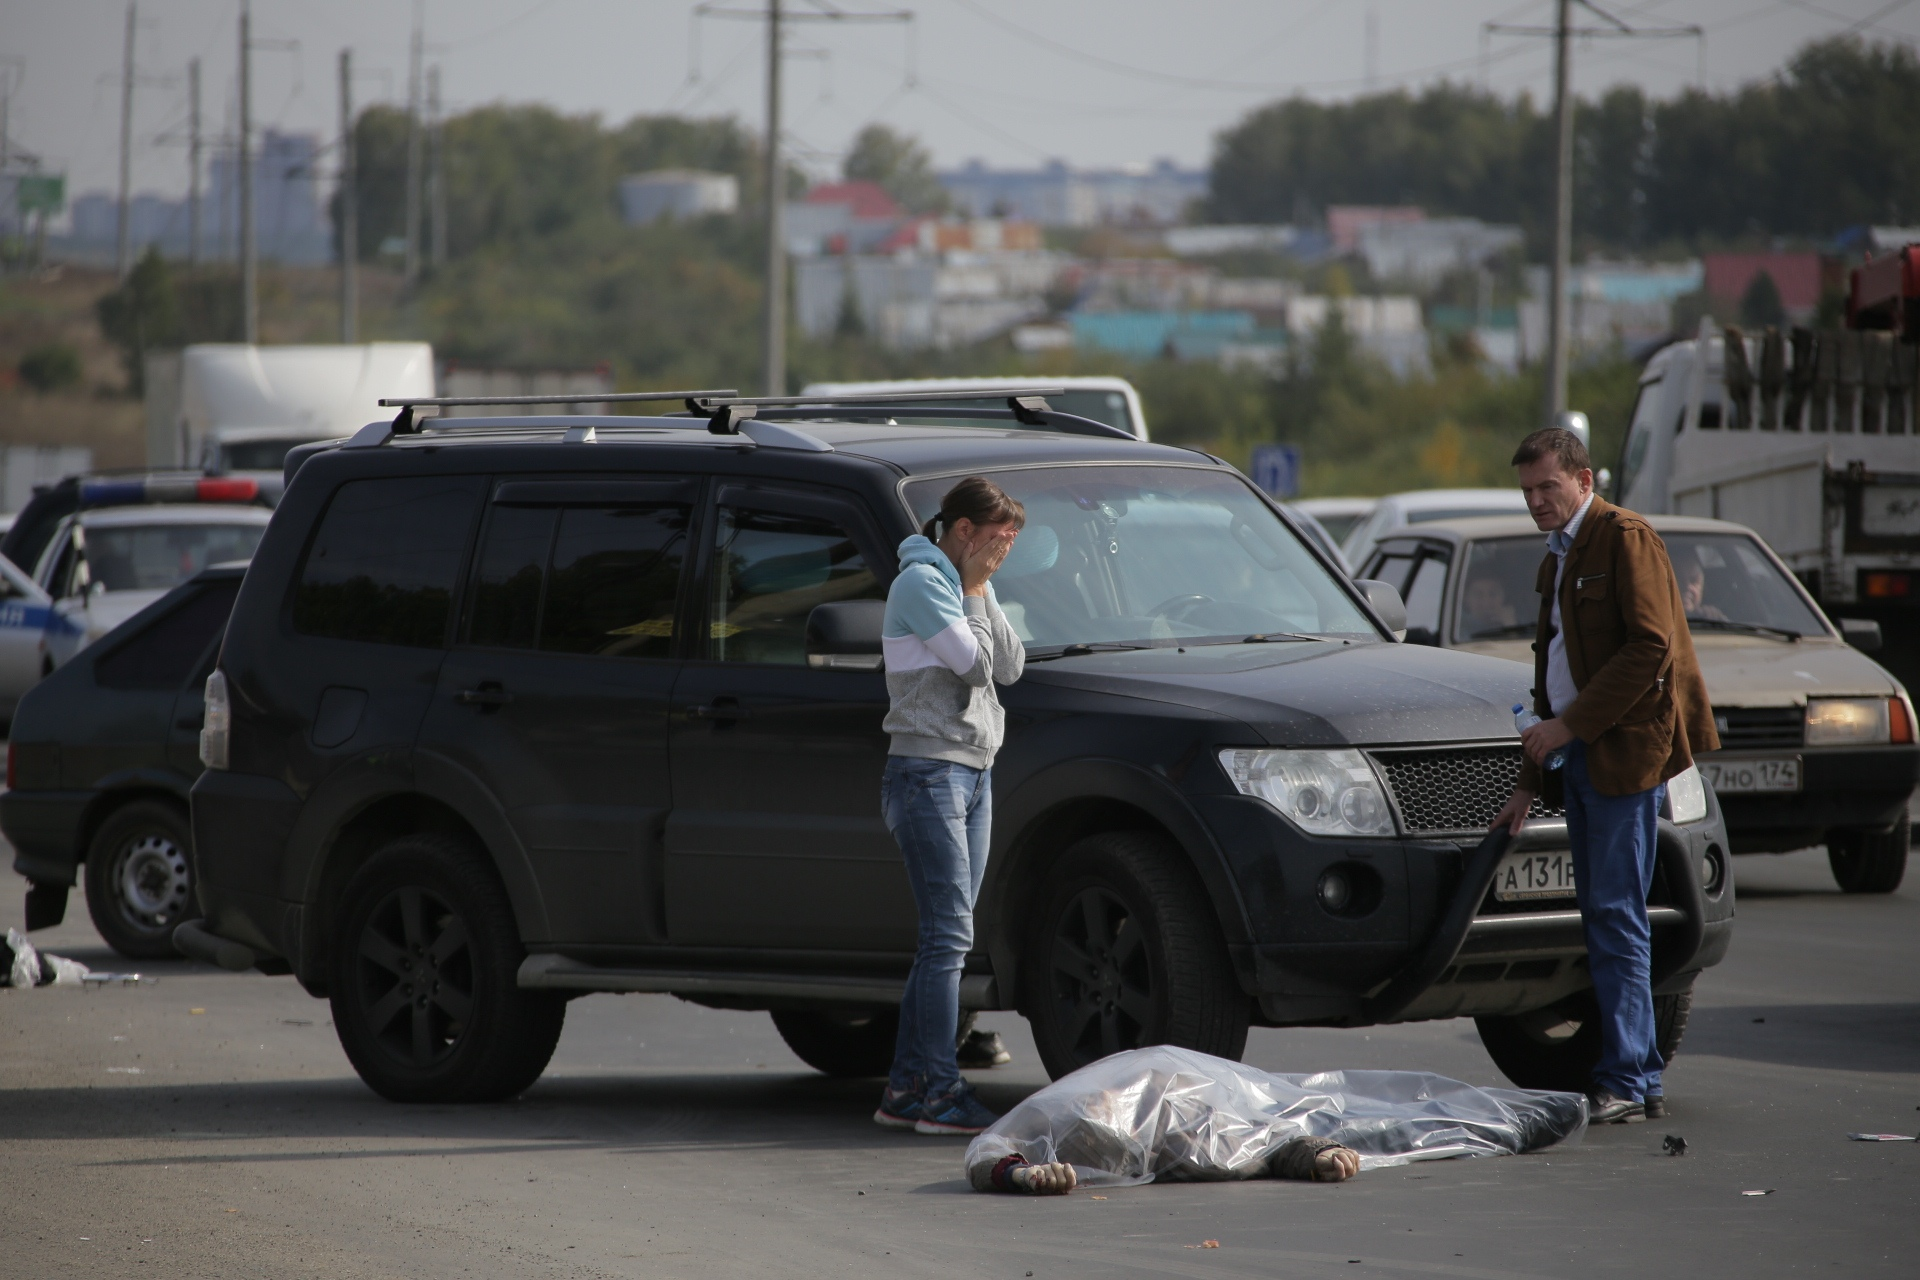 Сторонники законопроекта отмечают низкую стоимость компенсации за ДТП с пострадавшими и погибшими: сейчас лимит составляет 500 тысяч, предлагается 2 миллиона рублей